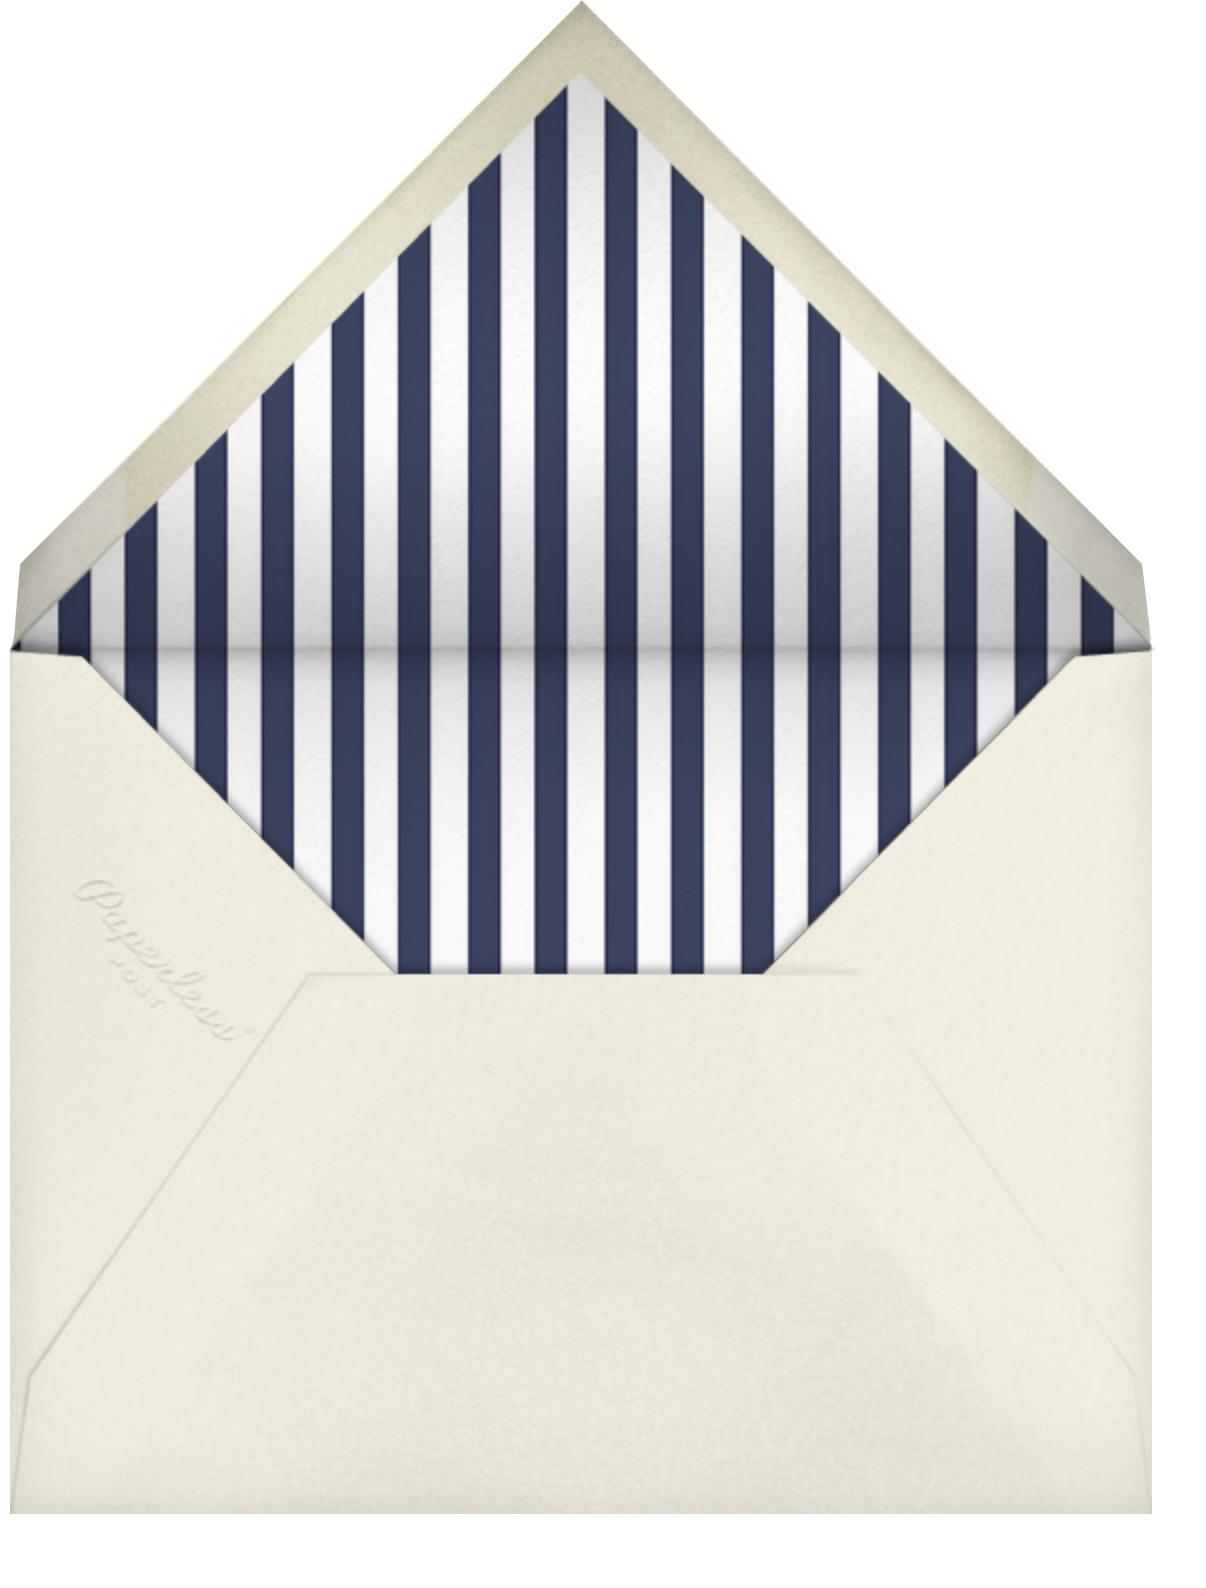 Tuxedo - Blue - Paperless Post - Adult birthday - envelope back